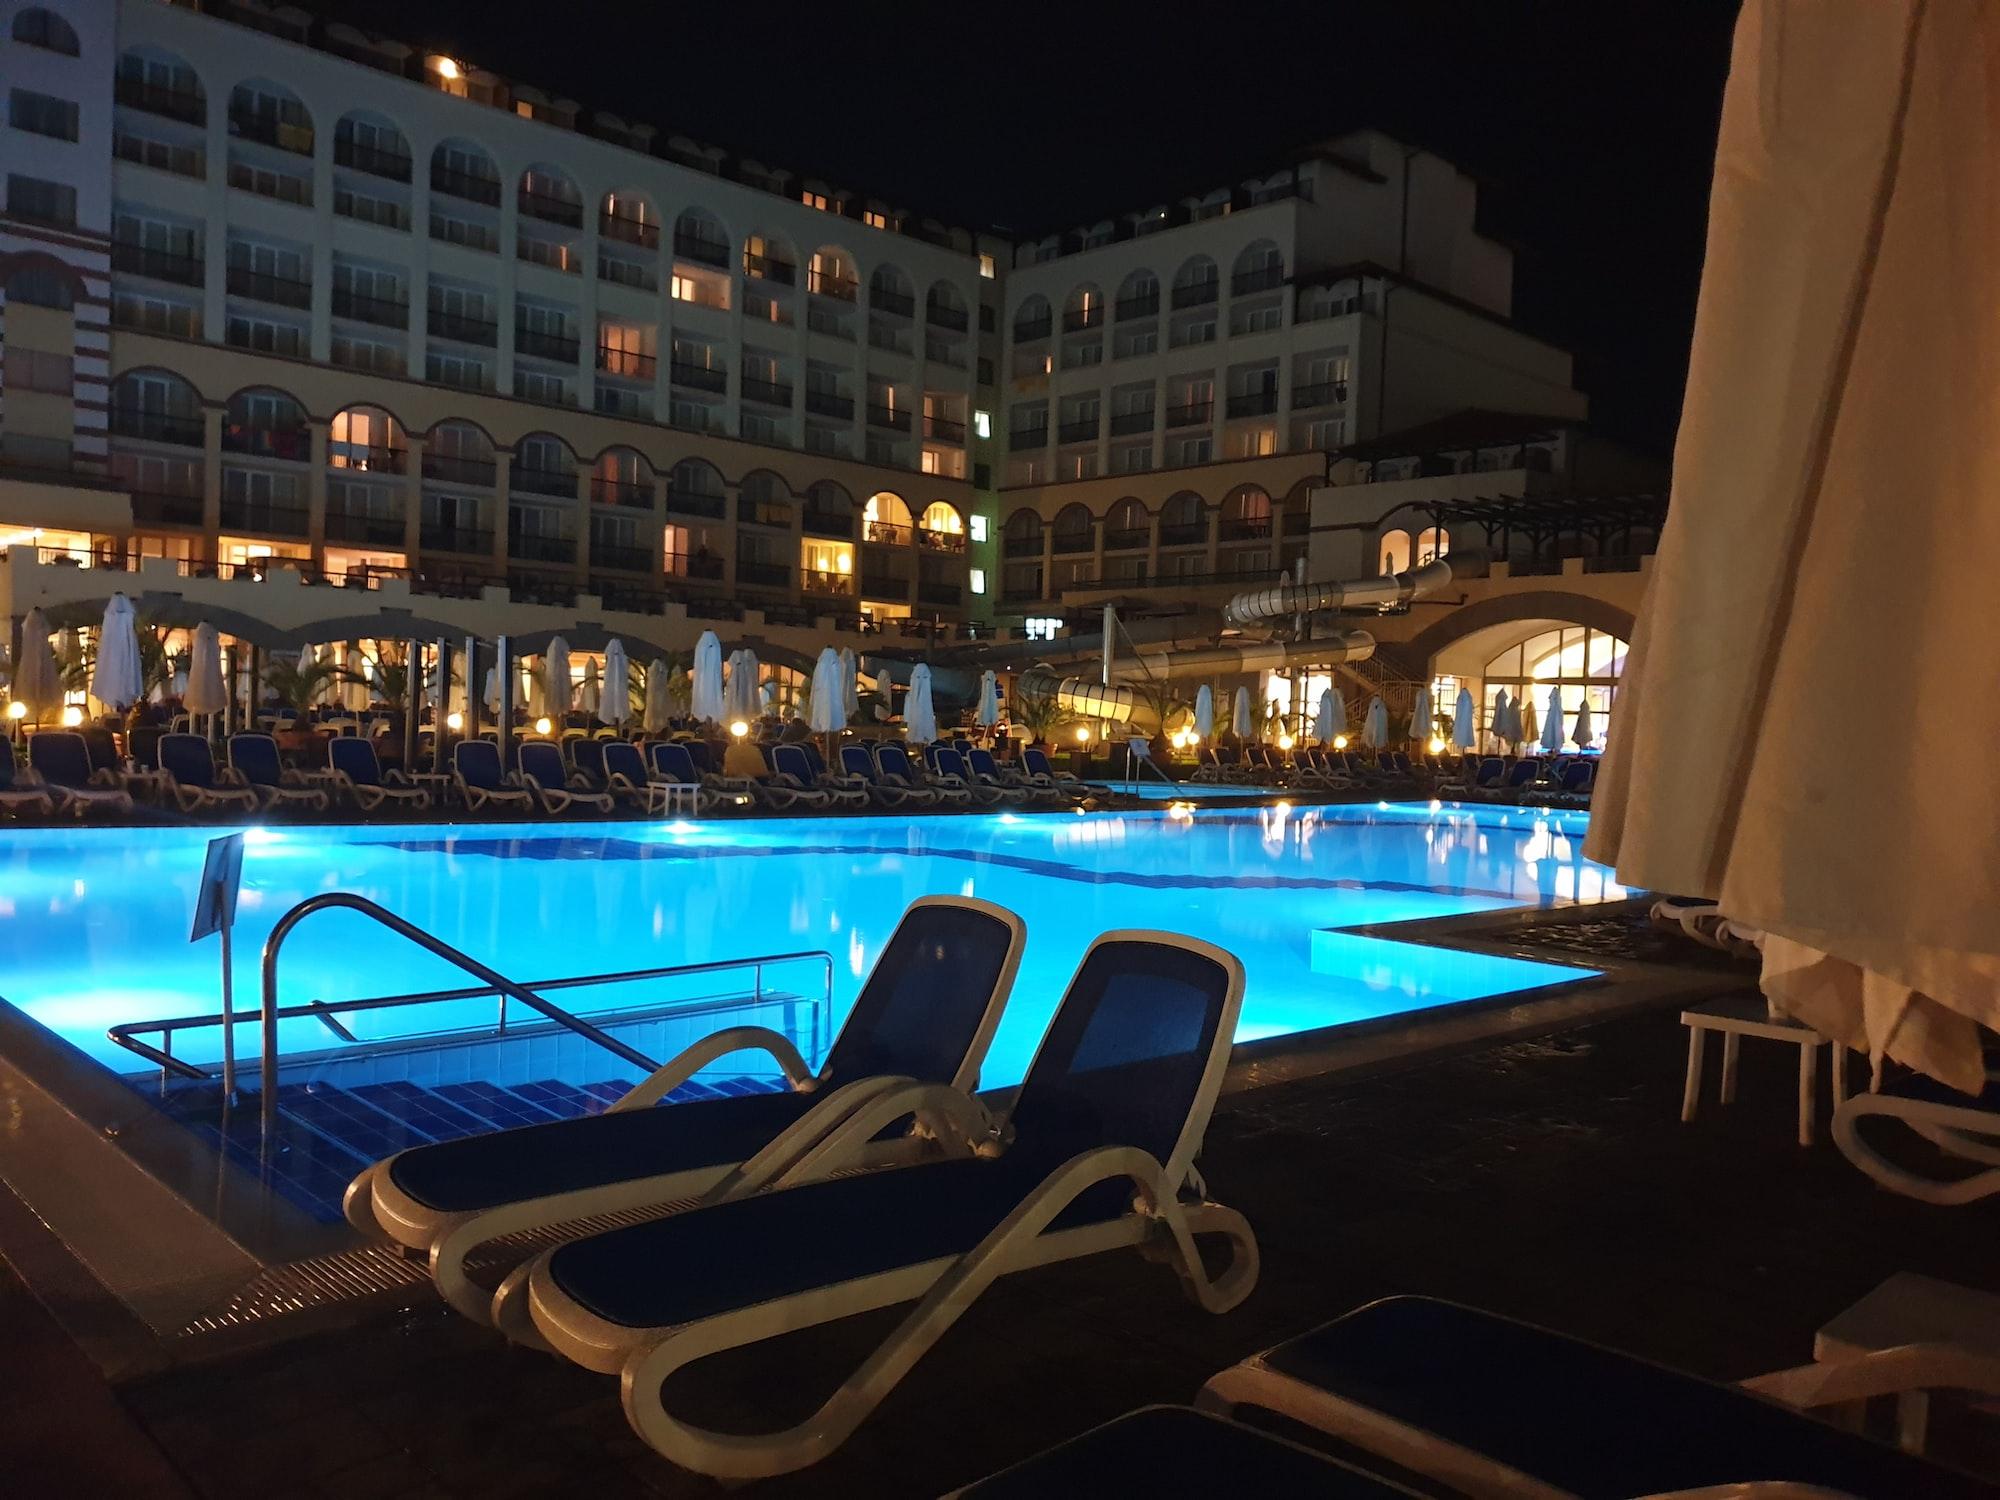 भारतीय अमेरिकी होटल कारोबारियों ने नामी होटल ग्रुपों पर ठोका मुकदमा, लगाए ये आरोप